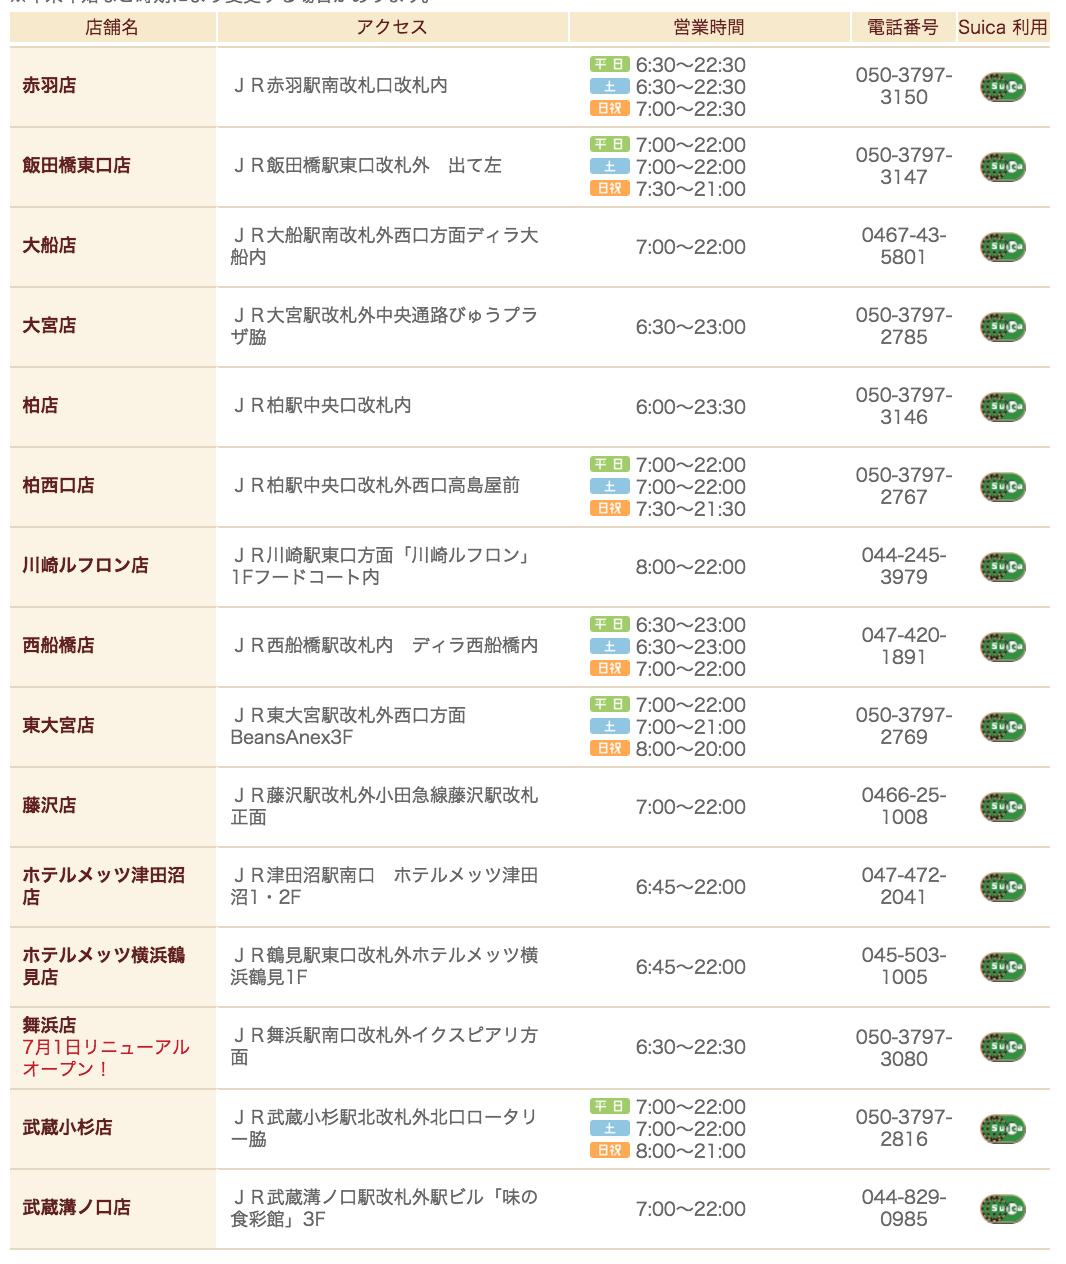 20cm高 季節限定信州鹿肉漢堡登場!